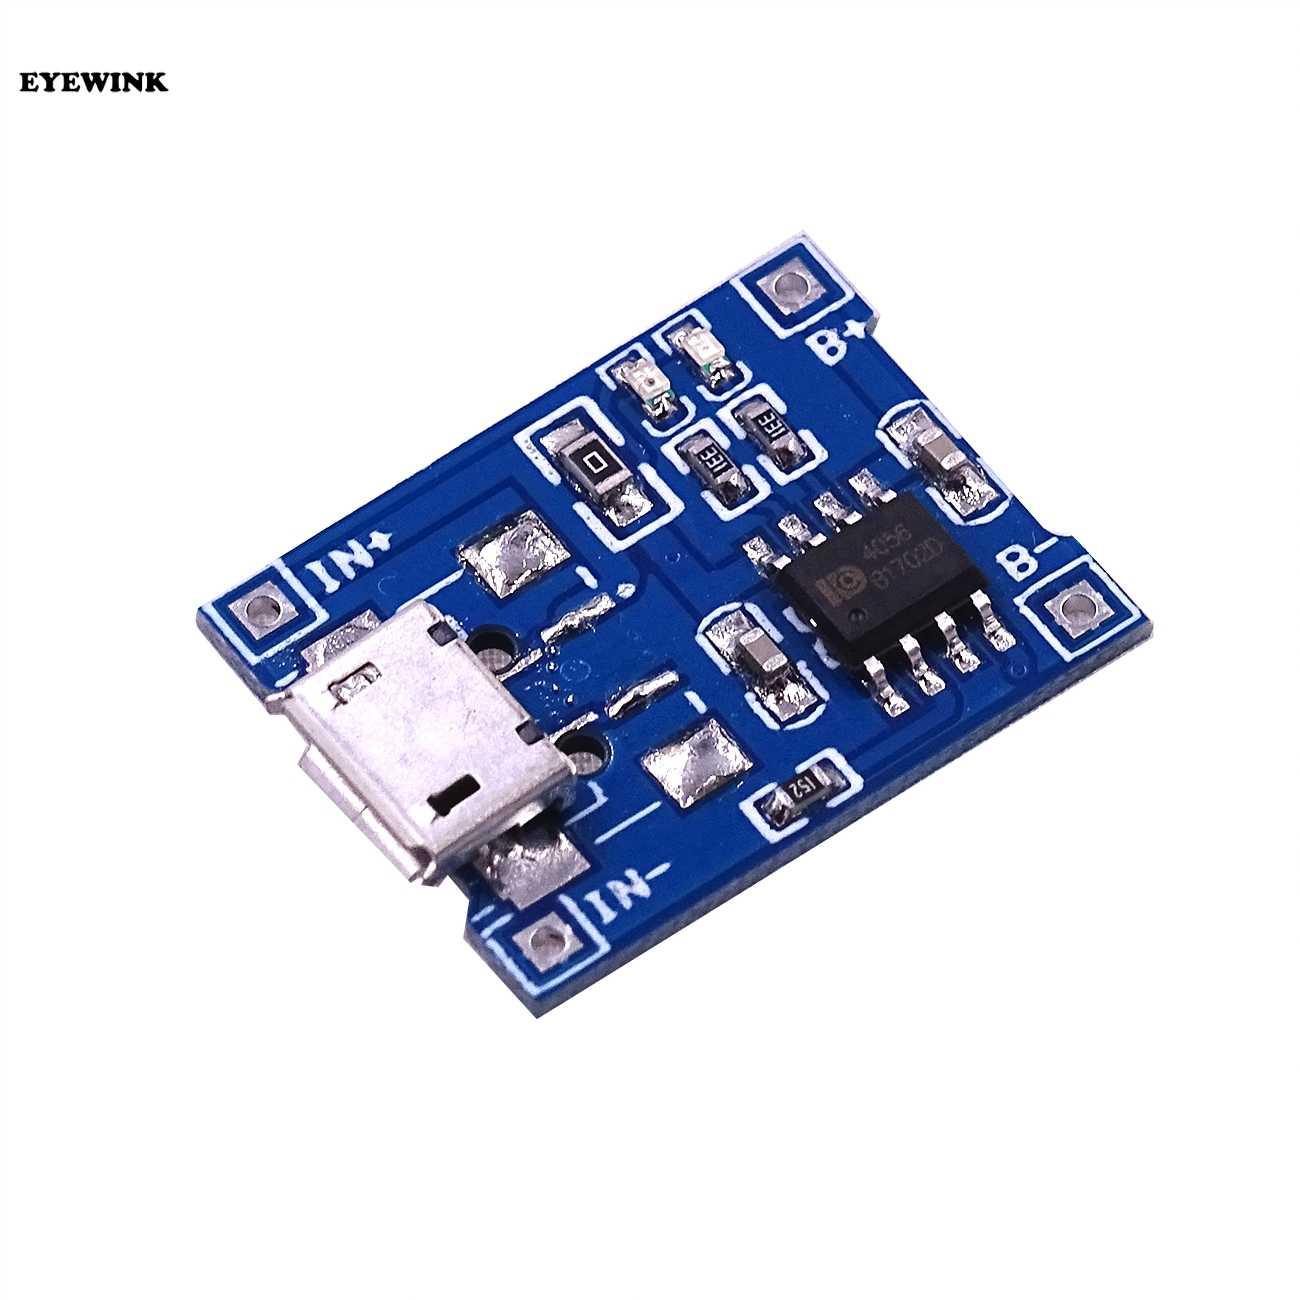 Eyewink 1 шт./лот Micro USB 5 V 1A 18650 TP4056 литий модуль зарядного устройства аккумулятора зарядная плата с двухканальная видеокамера с защитой функции